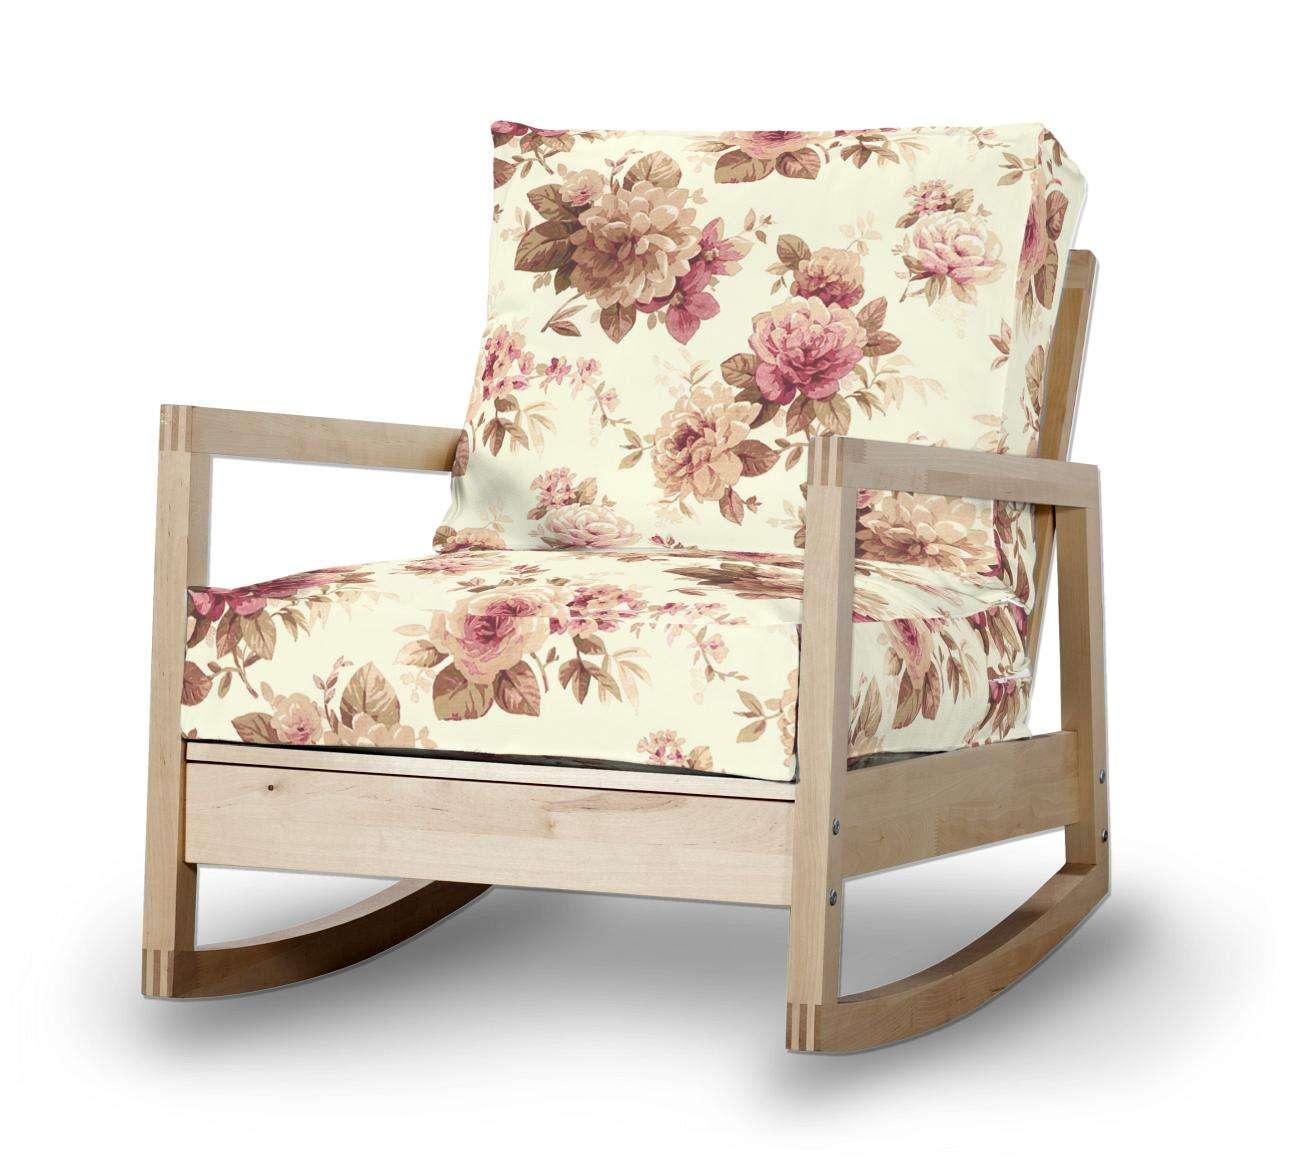 LILLBERG fotelio užvalkalas LILLBERG fotelio užvalkalas kolekcijoje Mirella, audinys: 141-06